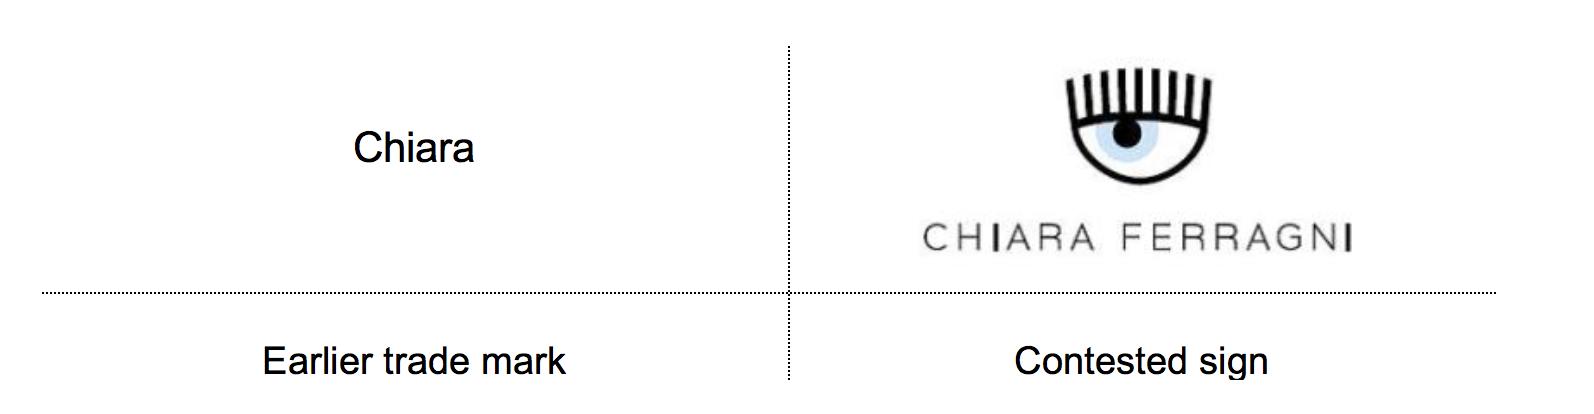 CKL Holdings' mark (left) & Serendipity's mark (right)